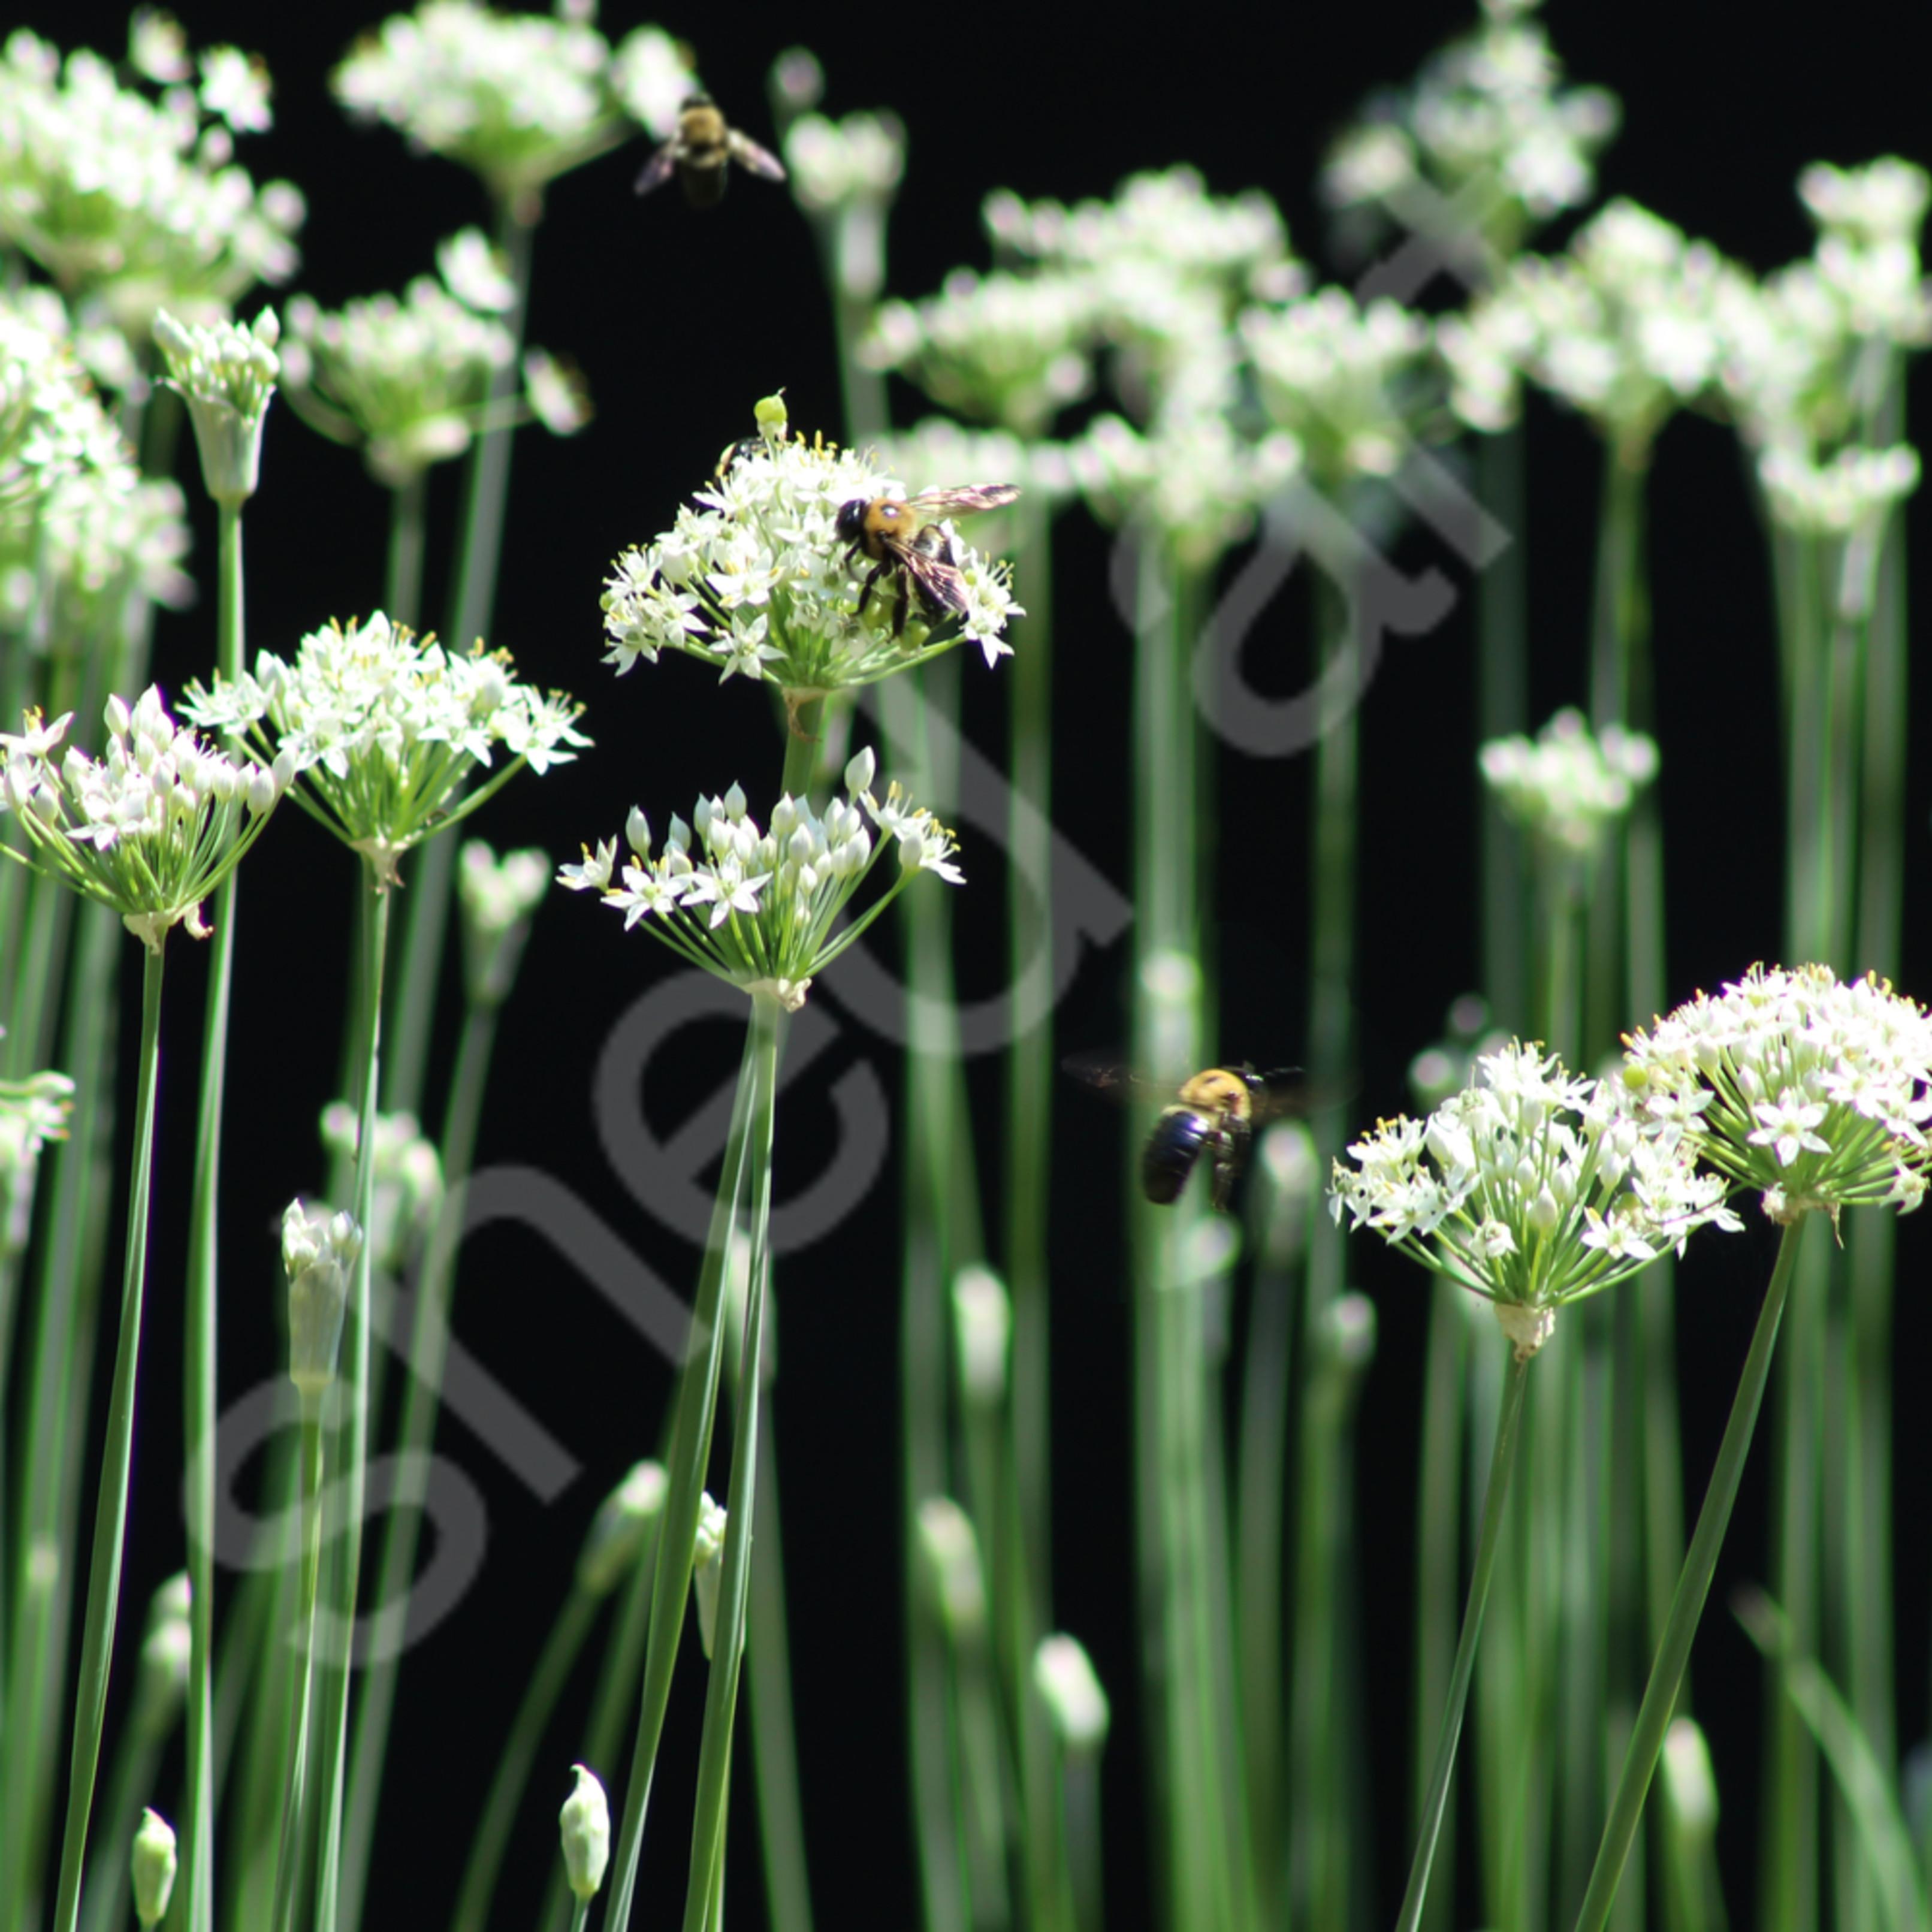 Bees3 n60st6